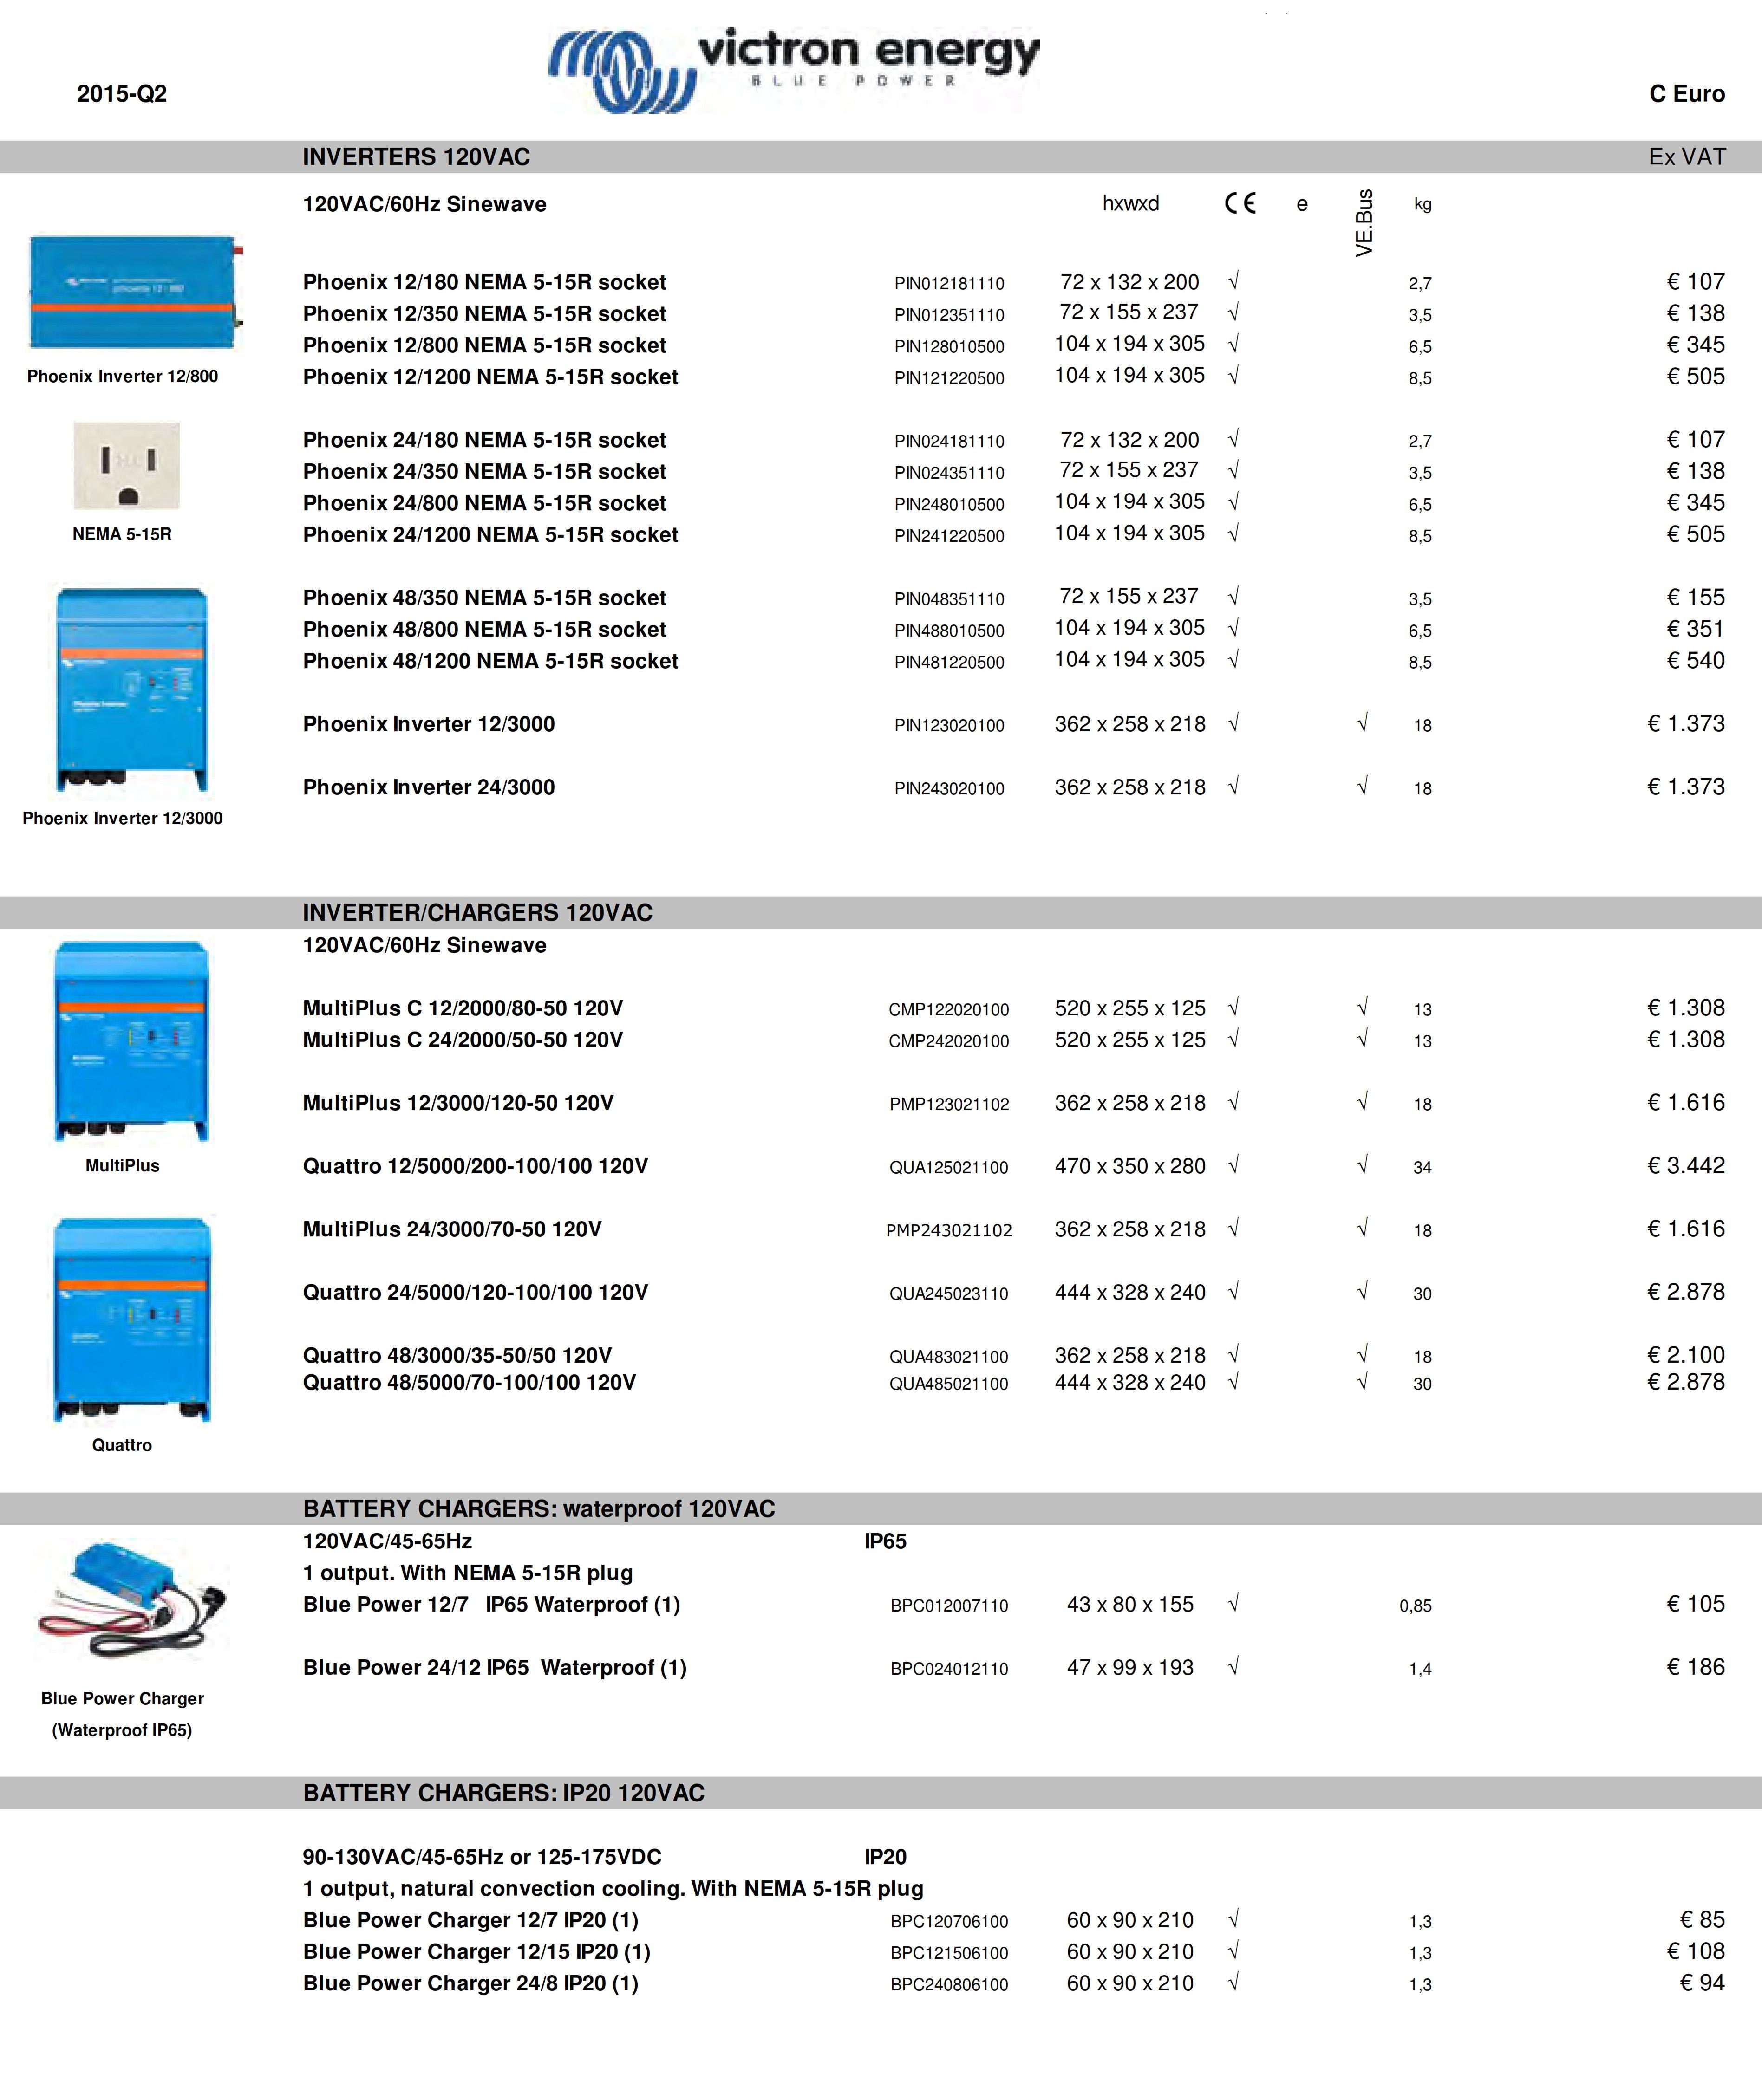 INVERTERS 120VAC Ex VAT 120VAC/60Hz Sinewave hxwxd e kg Phoenix 12/180 NEMA 5-15R socket PIN012181110 72 x 132 x 200 √ 2,7 € 107 Phoenix 12/350 NEMA 5-15R socket PIN012351110 Phoenix 12/800 NEMA 5-15R socket PIN128010500 Phoenix 12/1200 NEMA 5-15R socket PIN121220500 72 x 155 x 237 √ 3,5 € 138 104 x 194 x 305 √ 6,5 € 345 104 x 194 x 305 √ 8,5 € 505 Phoenix 24/180 NEMA 5-15R socket PIN024181110 72 x 132 x 200 √ 2,7 € 107 Phoenix 24/350 NEMA 5-15R socket PIN024351110 Phoenix 24/800 NEMA 5-15R socket PIN248010500 Phoenix 24/1200 NEMA 5-15R socket PIN241220500 Phoenix 48/350 NEMA 5-15R socket PIN048351110 Phoenix 48/800 NEMA 5-15R socket PIN488010500 Phoenix 48/1200 NEMA 5-15R socket PIN481220500 72 x 155 x 237 √ 3,5 € 138 104 x 194 x 305 √ 6,5 € 345 104 x 194 x 305 √ 8,5 € 505 72 x 155 x 237 √ 3,5 € 155 104 x 194 x 305 √ 6,5 € 351 104 x 194 x 305 √ 8,5 € 540 Phoenix Inverter 12/3000 PIN123020100 362 x 258 x 218 √ √ 18 € 1.373 Phoenix Inverter 24/3000 PIN243020100 362 x 258 x 218 √ √ 18 € 1.373 INVERTER/CHARGERS 120VAC  120VAC/60Hz Sinewave MultiPlus C 12/2000/80-50 120V CMP122020100 520 x 255 x 125 √ √ 13 € 1.308 MultiPlus C 24/2000/50-50 120V CMP242020100 520 x 255 x 125 √ √ 13 € 1.308 MultiPlus 12/3000/120-50 120V PMP123021102 362 x 258 x 218 √ √ 18 € 1.616 Quattro 12/5000/200-100/100 120V QUA125021100 470 x 350 x 280 √ √ 34 € 3.442 MultiPlus 24/3000/70-50 120V PMP243021102 362 x 258 x 218 √ √ 18 € 1.616 Quattro 24/5000/120-100/100 120V QUA245023110 444 x 328 x 240 √ √ 30 € 2.878 Quattro 48/3000/35-50/50 120V QUA483021100 362 x 258 x 218 √ √ 18 € 2.100 Quattro 48/5000/70-100/100 120V QUA485021100 444 x 328 x 240 √ √ 30 € 2.878 BATTERY CHARGERS: waterproof 120VAC 120VAC/45-65Hz IP65 1 output. With NEMA 5-15R plug  Blue Power 12/7   IP65 Waterproof (1) BPC012007110 43 x 80 x 155 √ 0,85 € 105 Blue Power 24/12 IP65  Waterproof (1) BPC024012110 47 x 99 x 193 √ 1,4 € 186 BATTERY CHARGERS: IP20 120VAC VE.Bus 90-130VAC/45-65Hz or 125-175VDC IP20 1 output, natural convection 